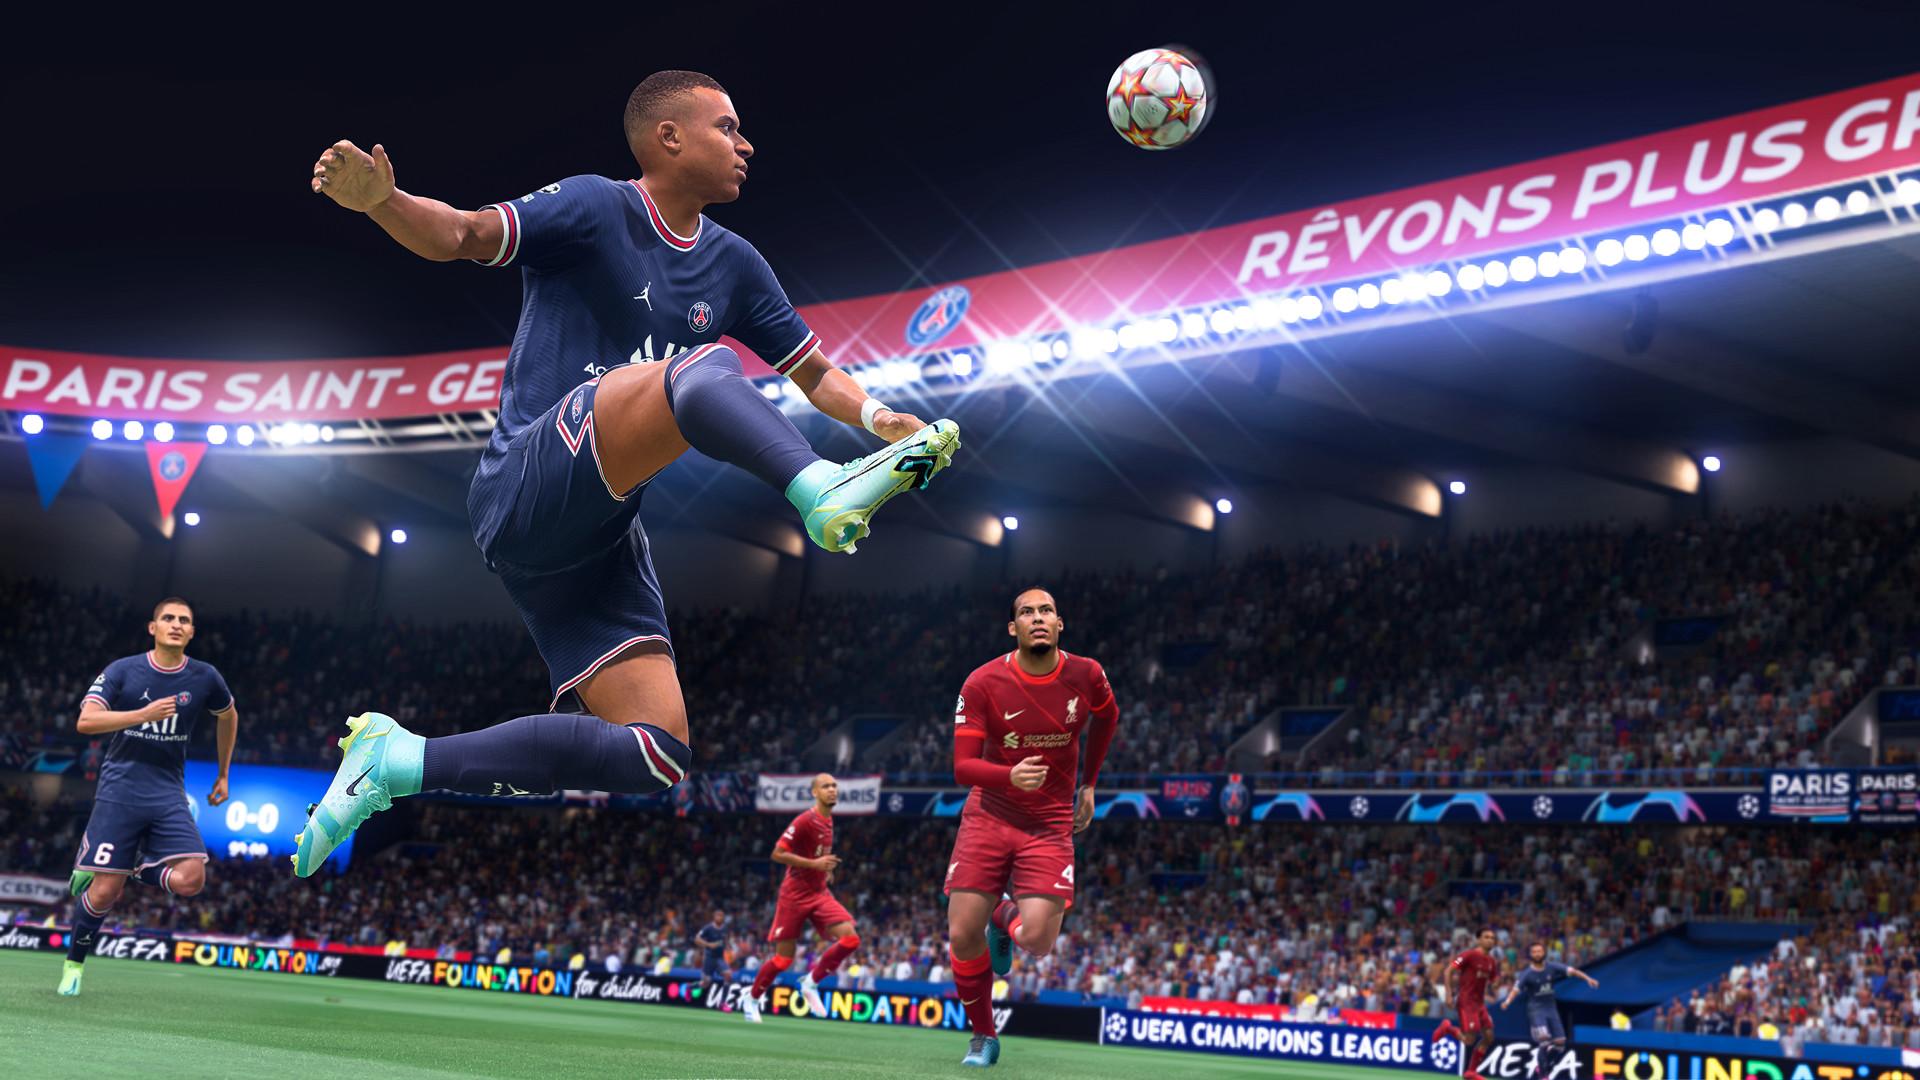 FIFA13102021 2